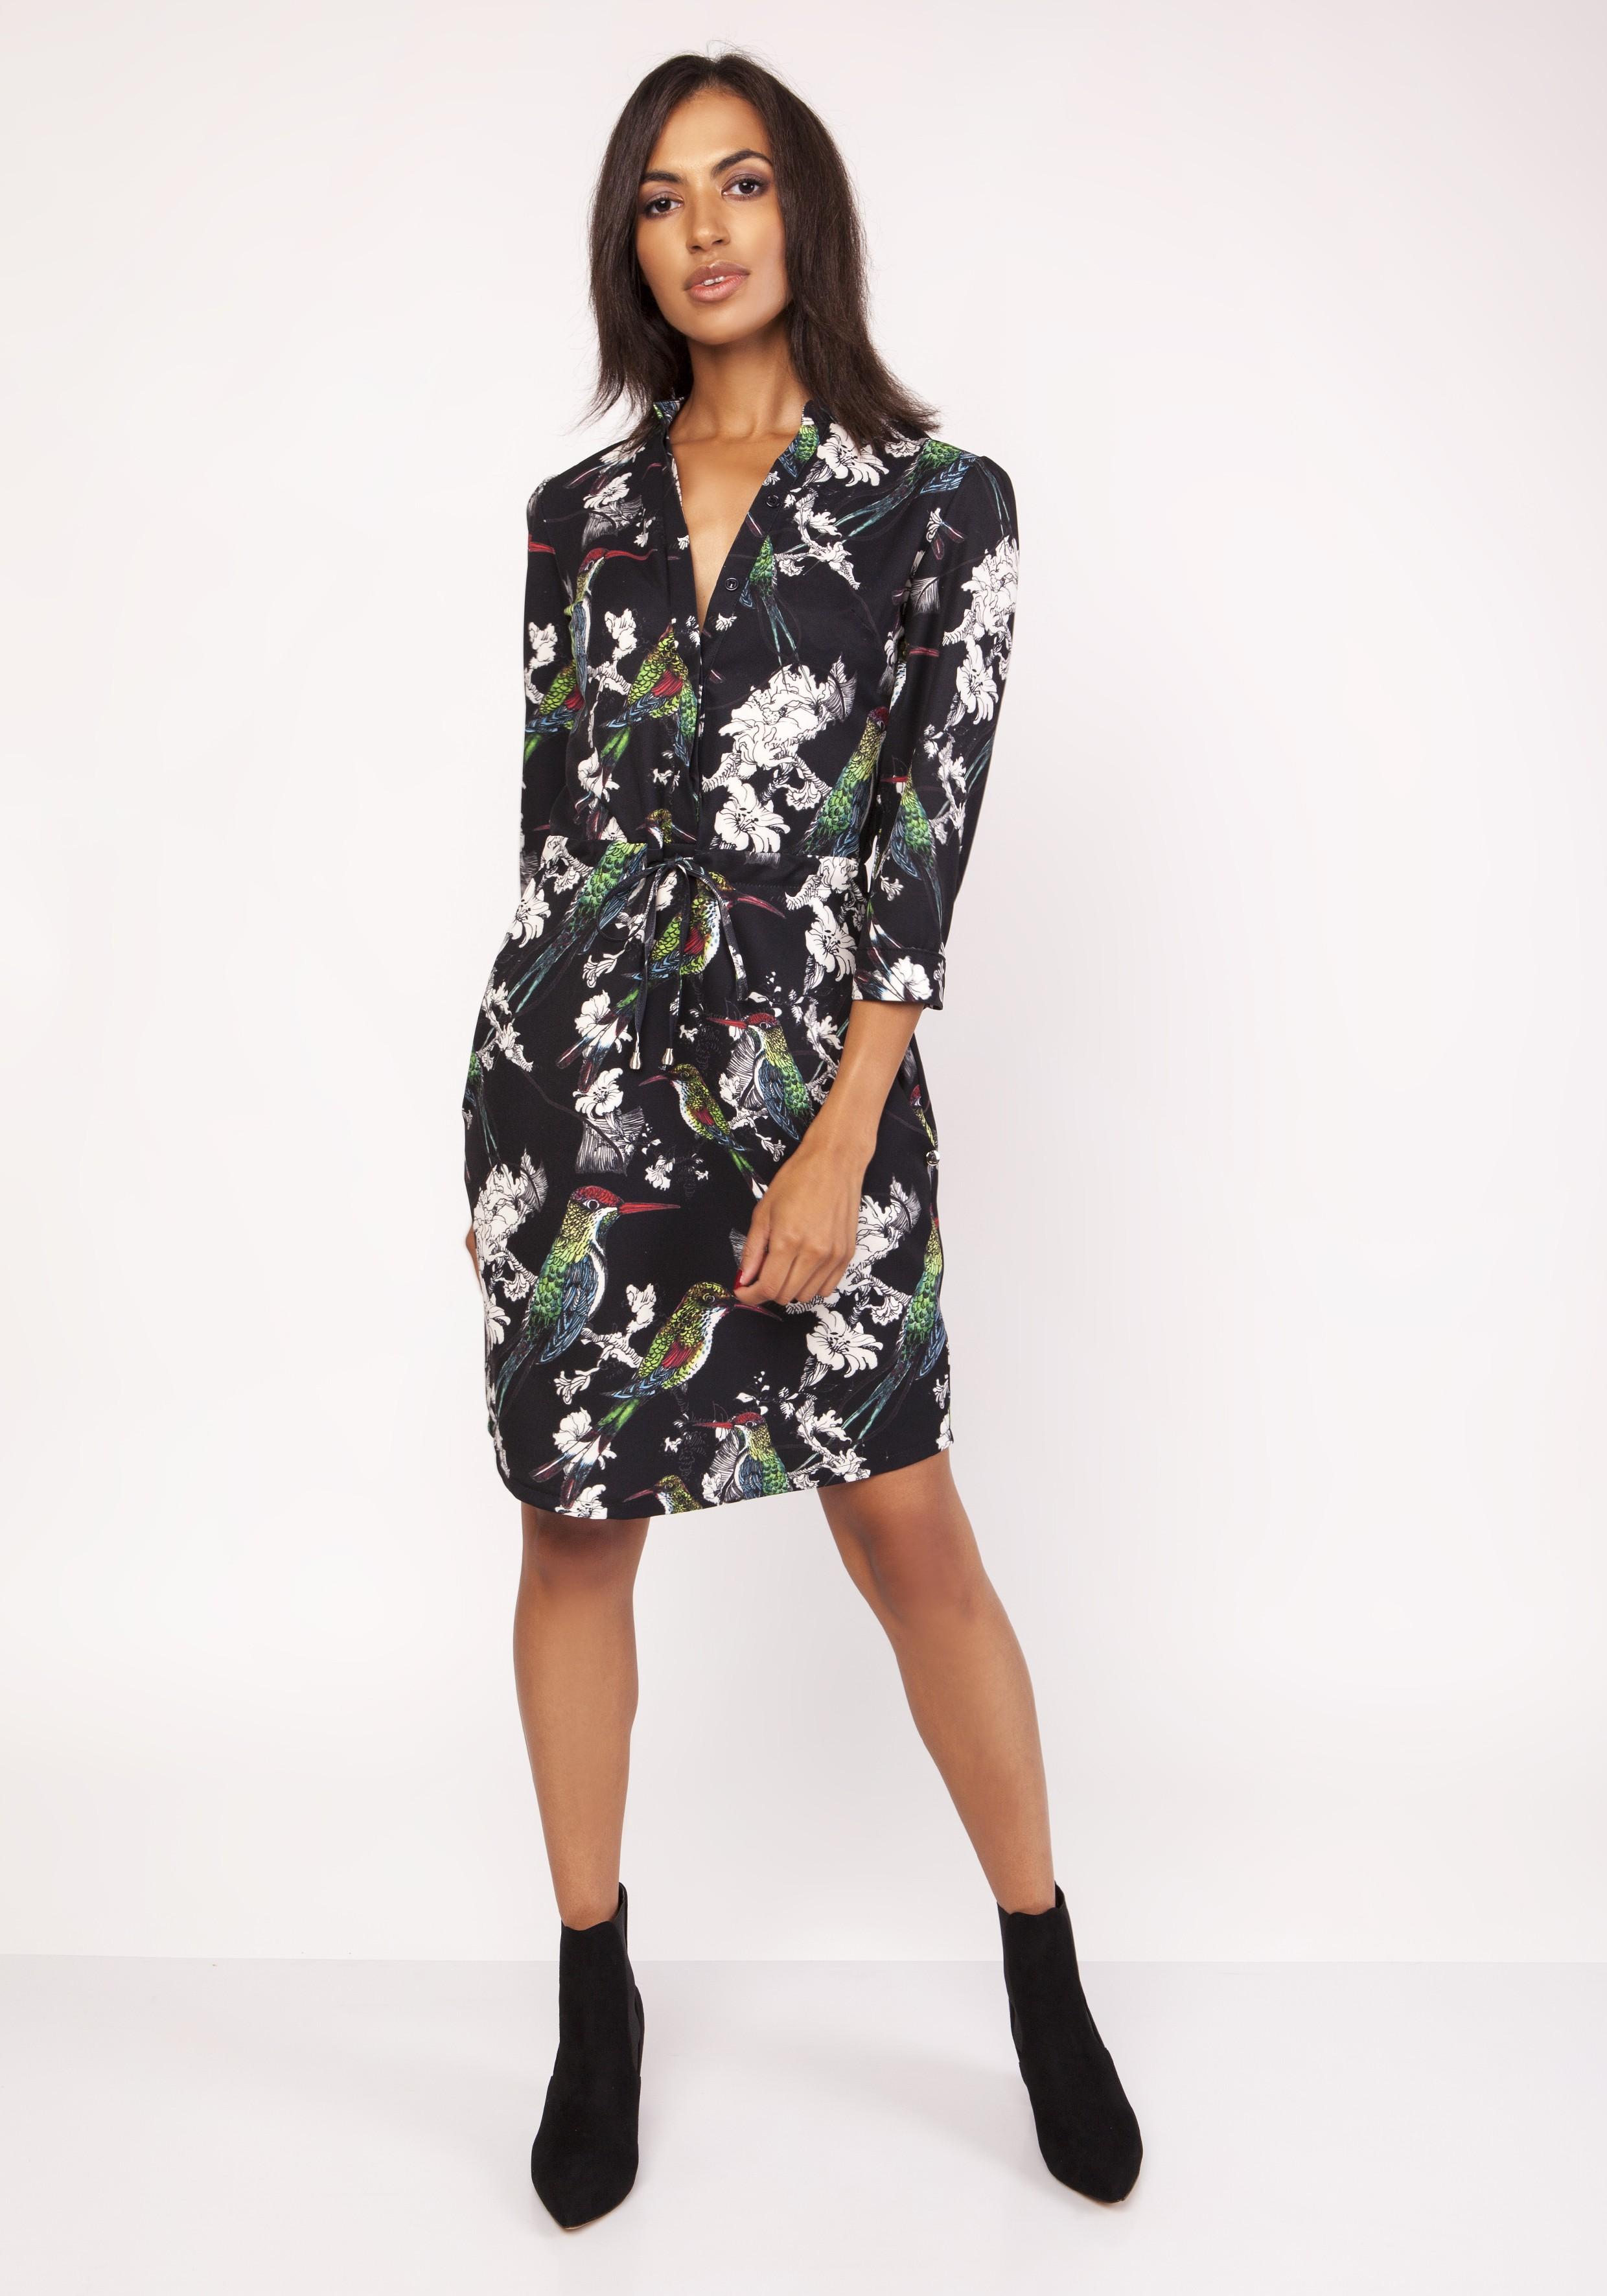 069386556d Sukienka koszulowa wiązana w talii we wzory - wysyłka kurierem od 5 ...